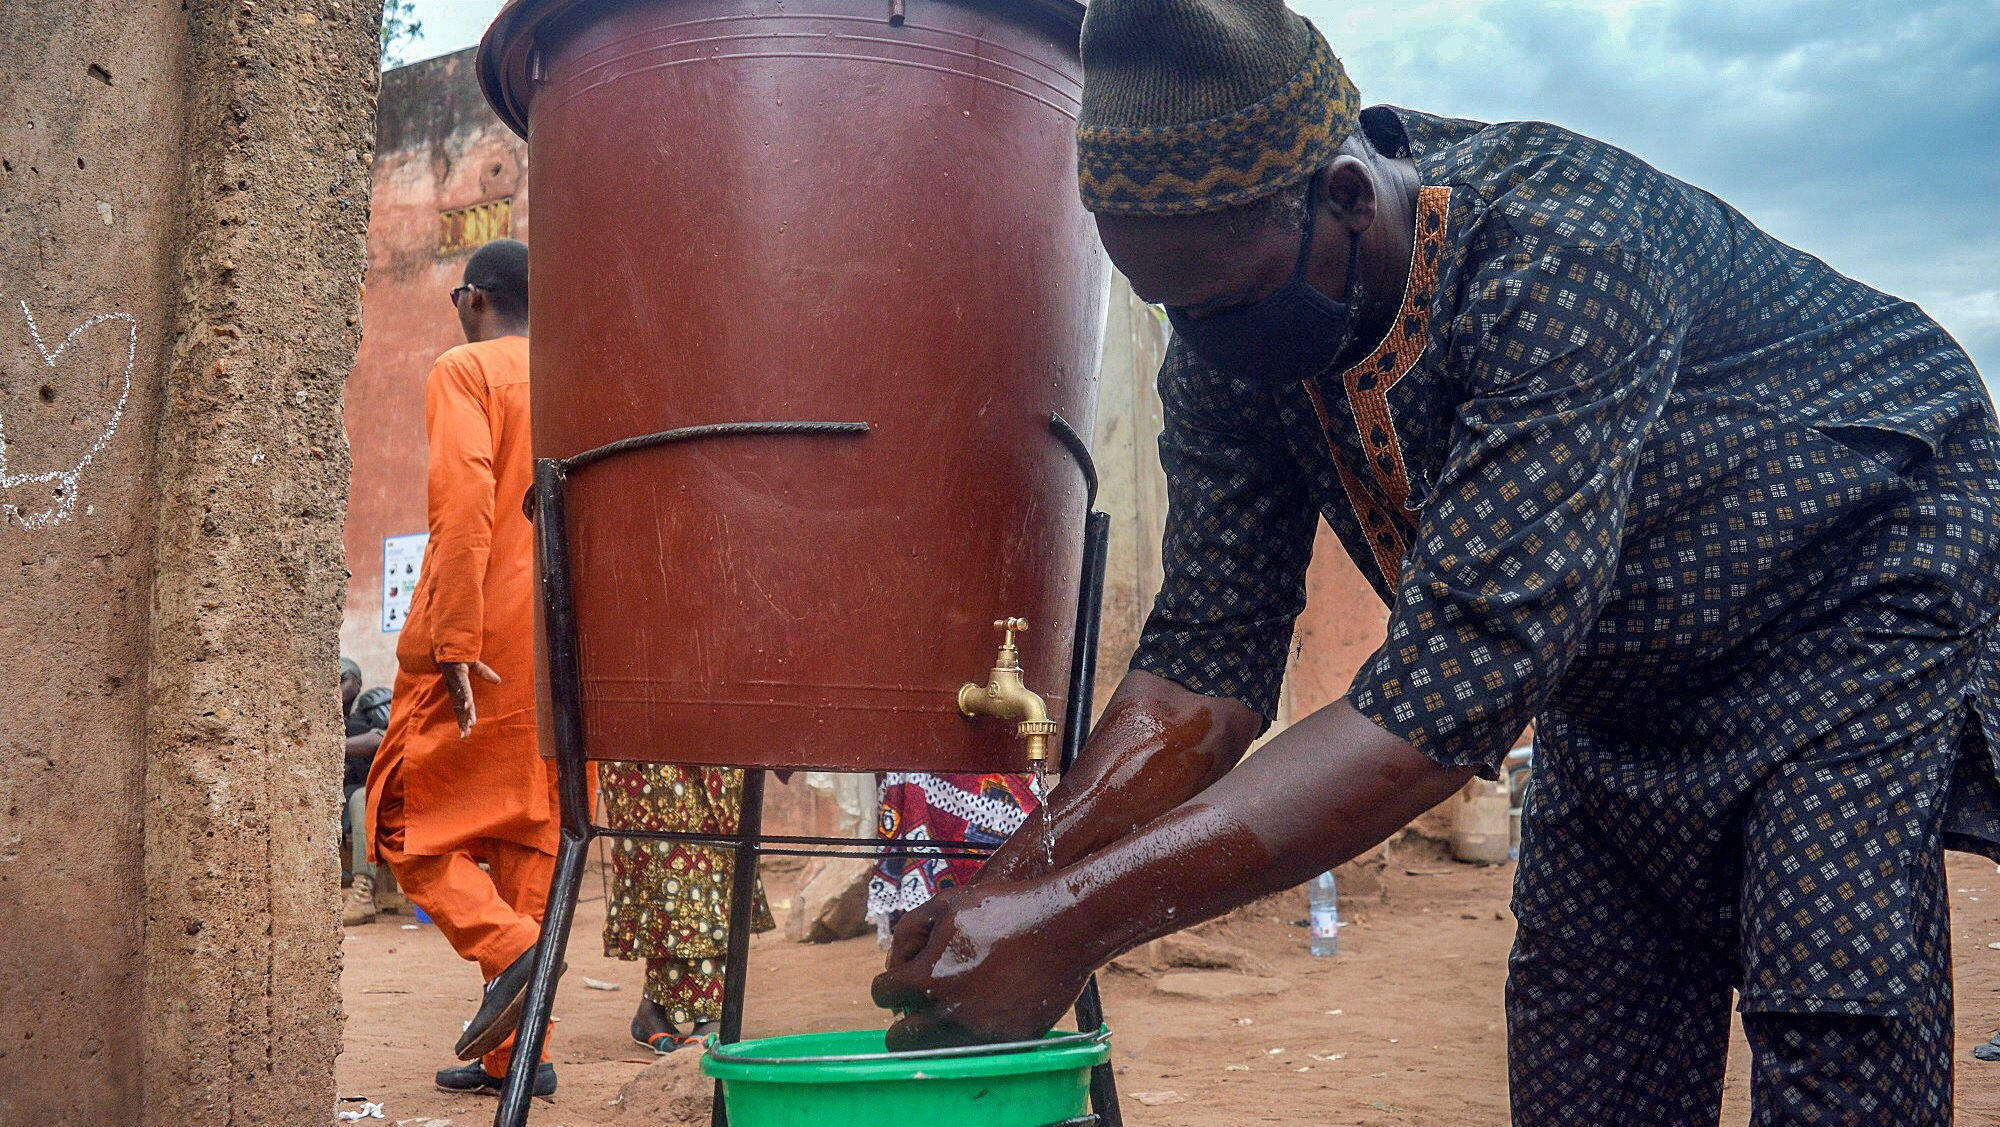 Un hombre se lava las manos antes de entrar a votar en Bamako, durante la primera vuelta de las elecciones parlamentarias en Mali, el 29 de marzo de 2020.